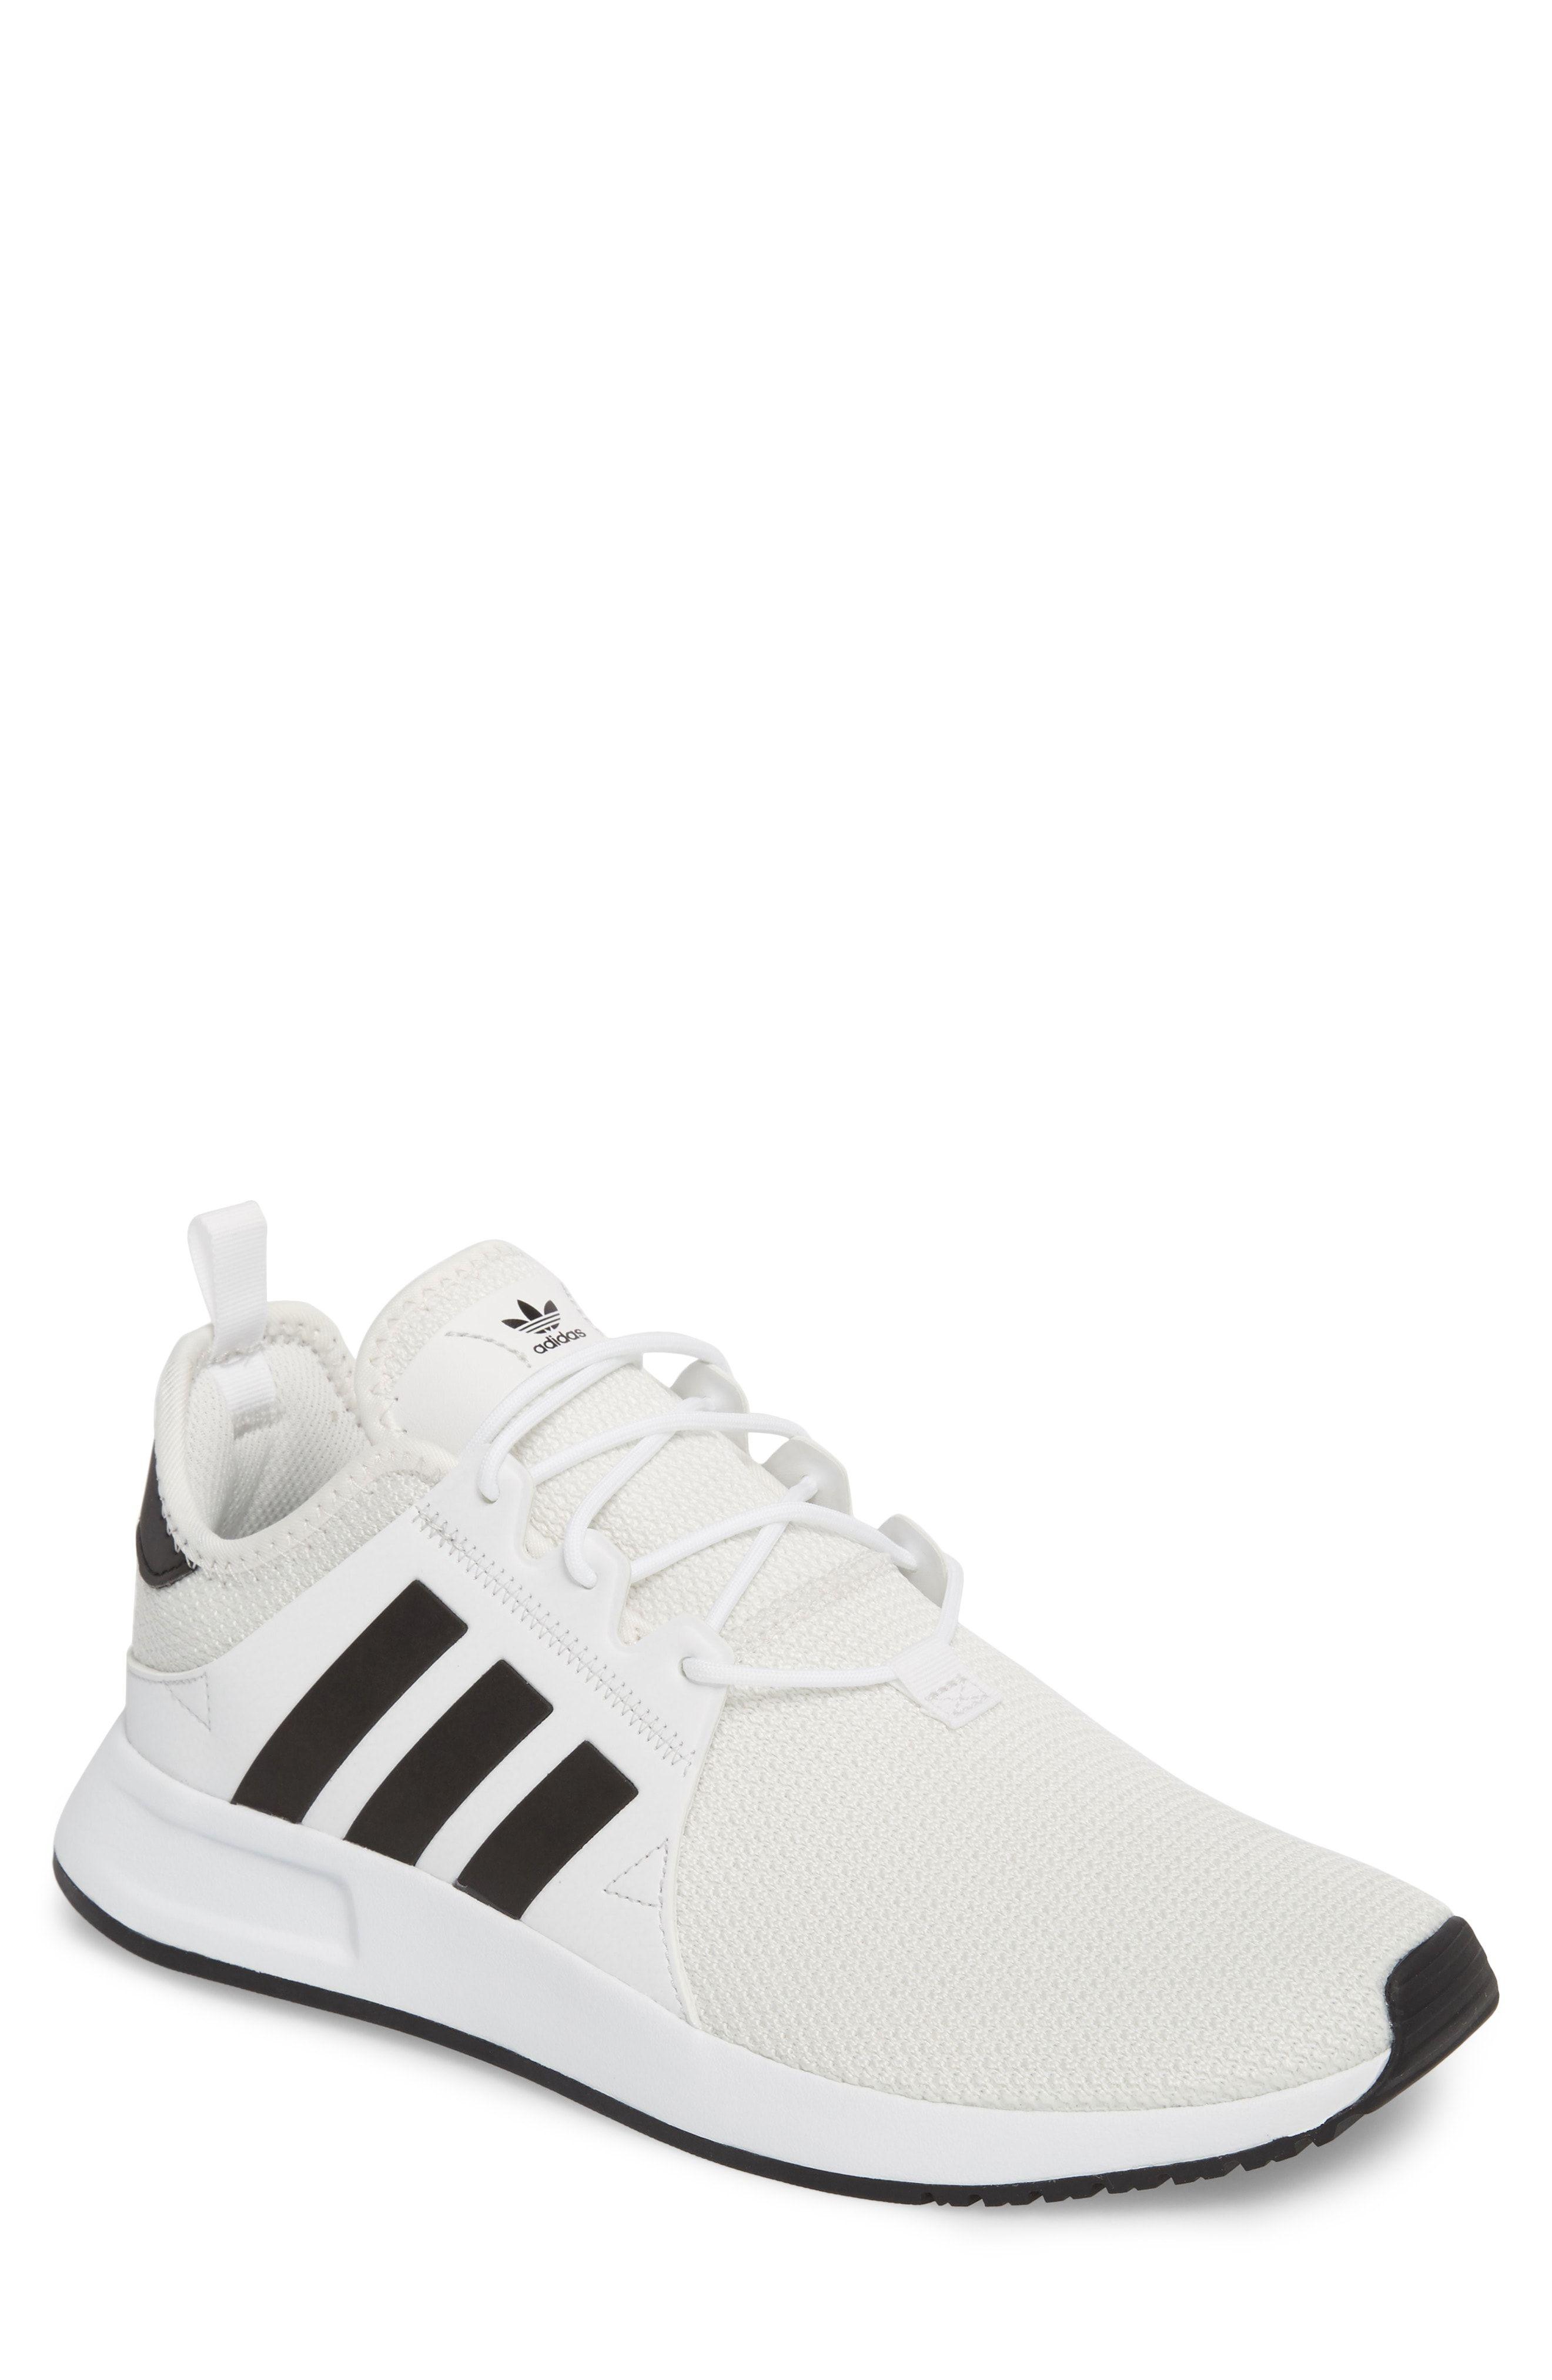 ec613c356216 ADIDAS ORIGINALS X PLR SNEAKER.  adidasoriginals  shoes